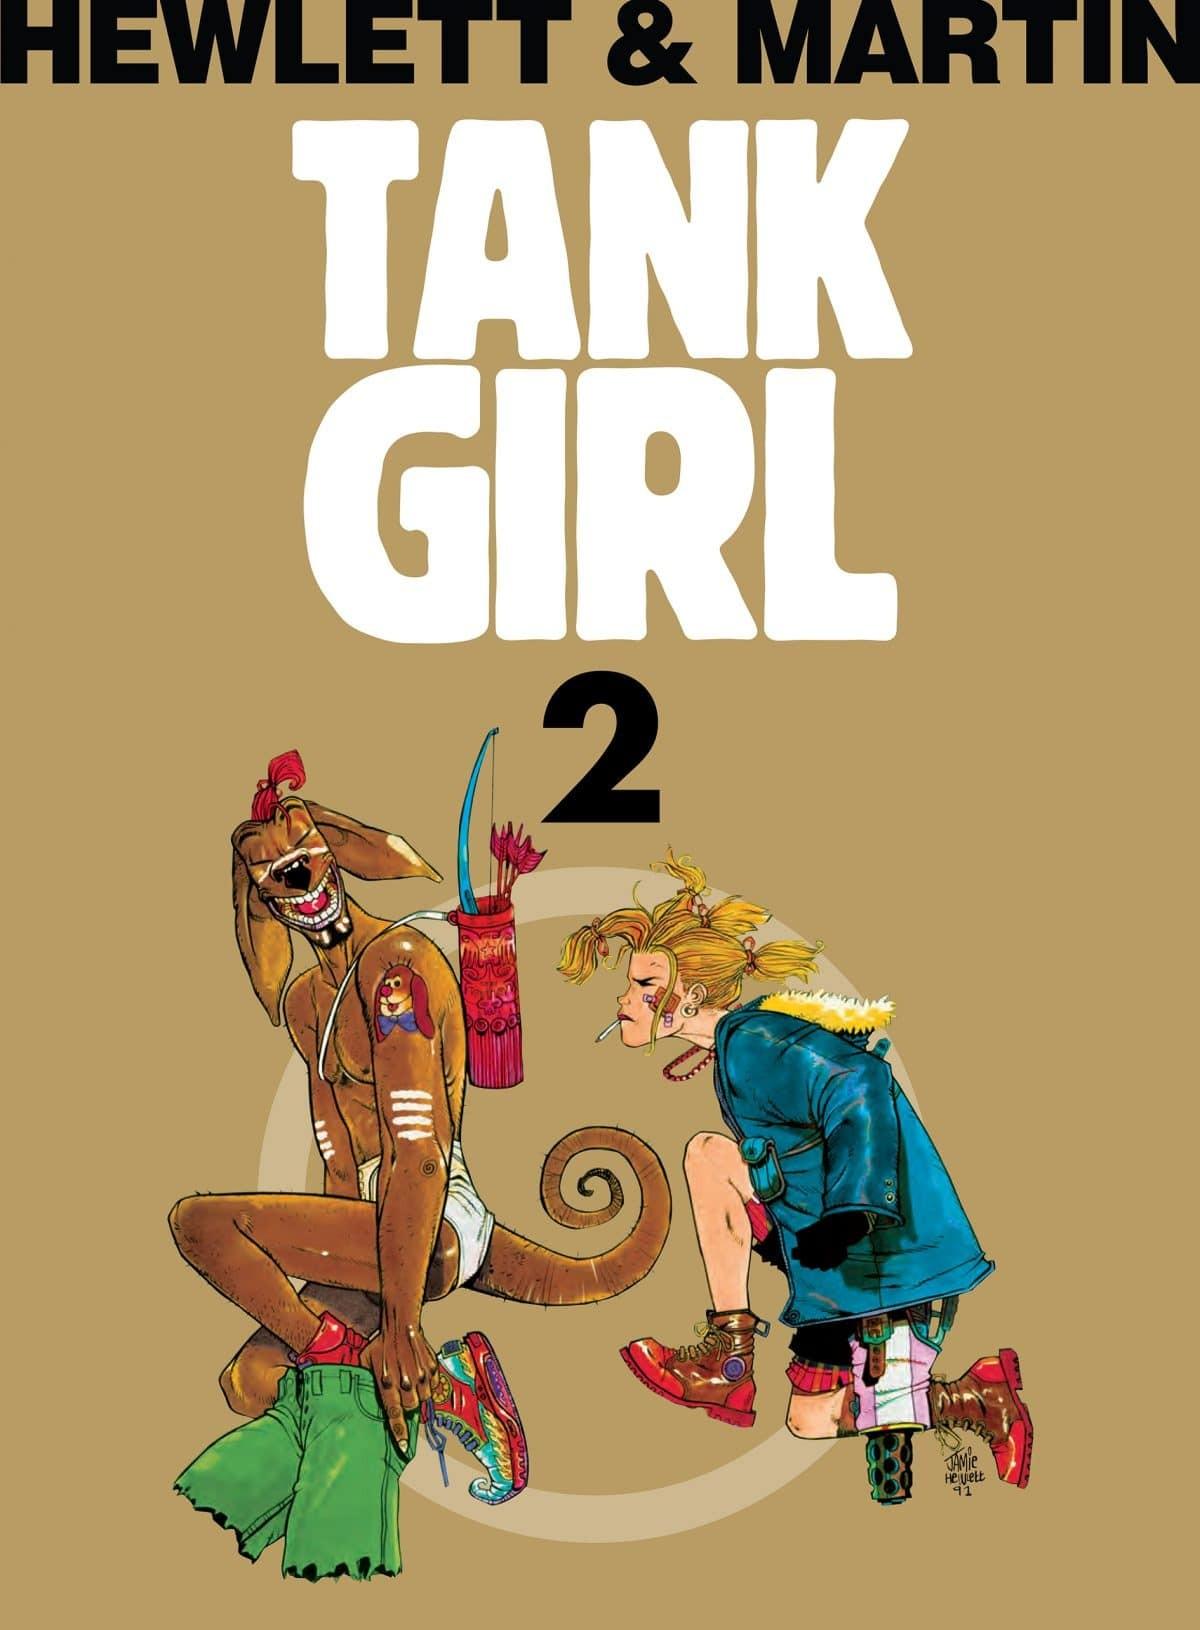 Tank-Girl-2-okladka-1200x1630-min.jpg